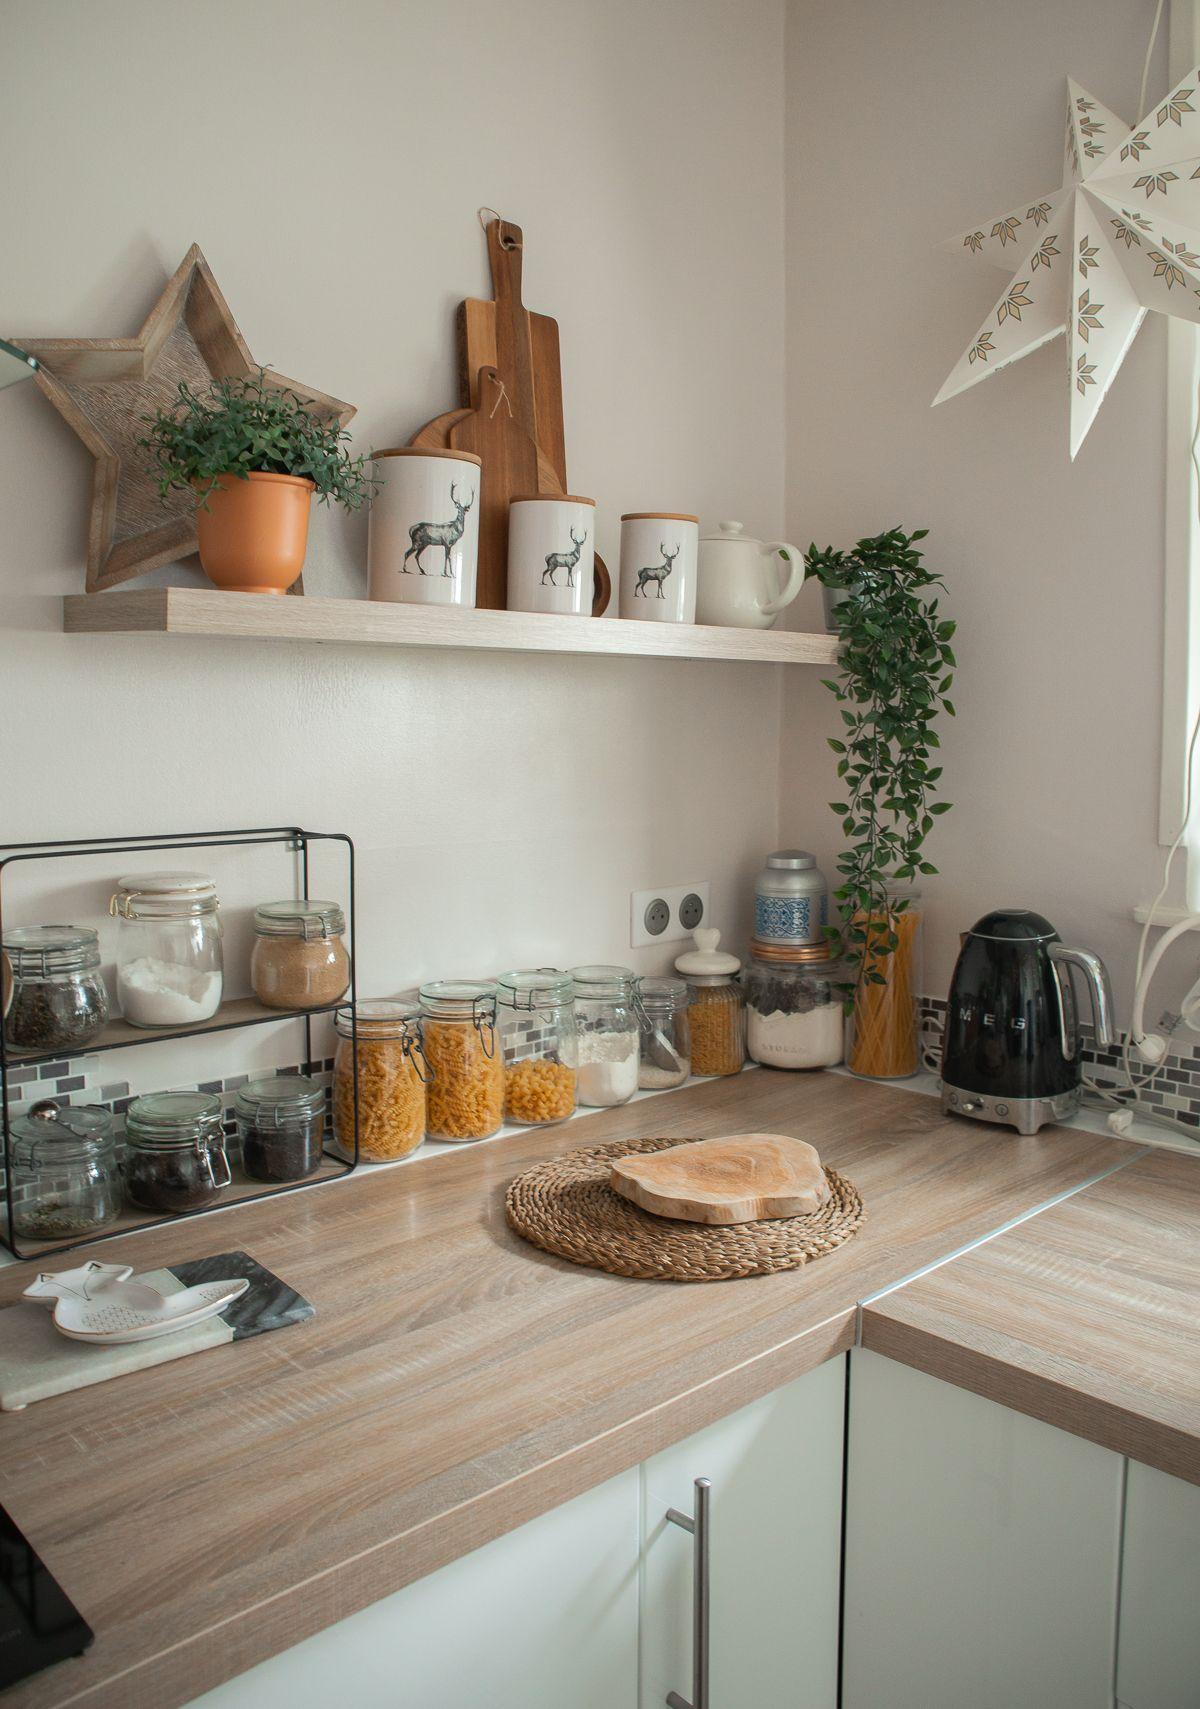 Décoration cuisine  Cuisine vintage, Decor, Kitchen